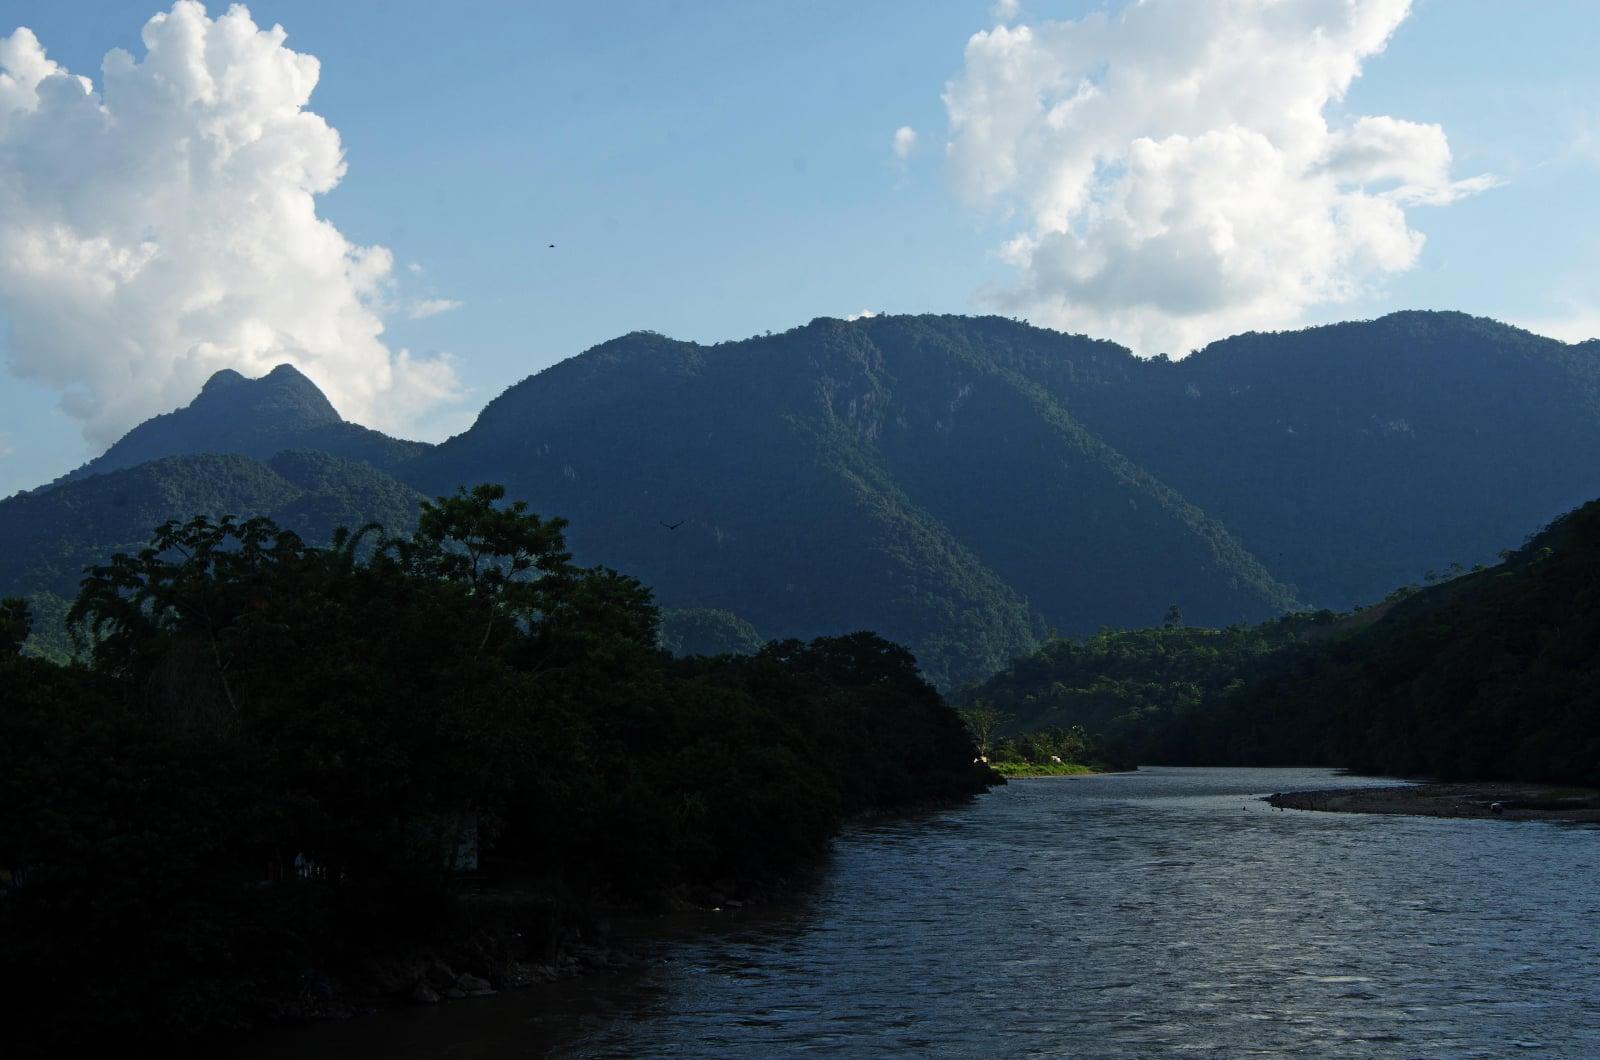 Nowy gatunek storczyków odkryty w Peru fot. EPA/SERNANP